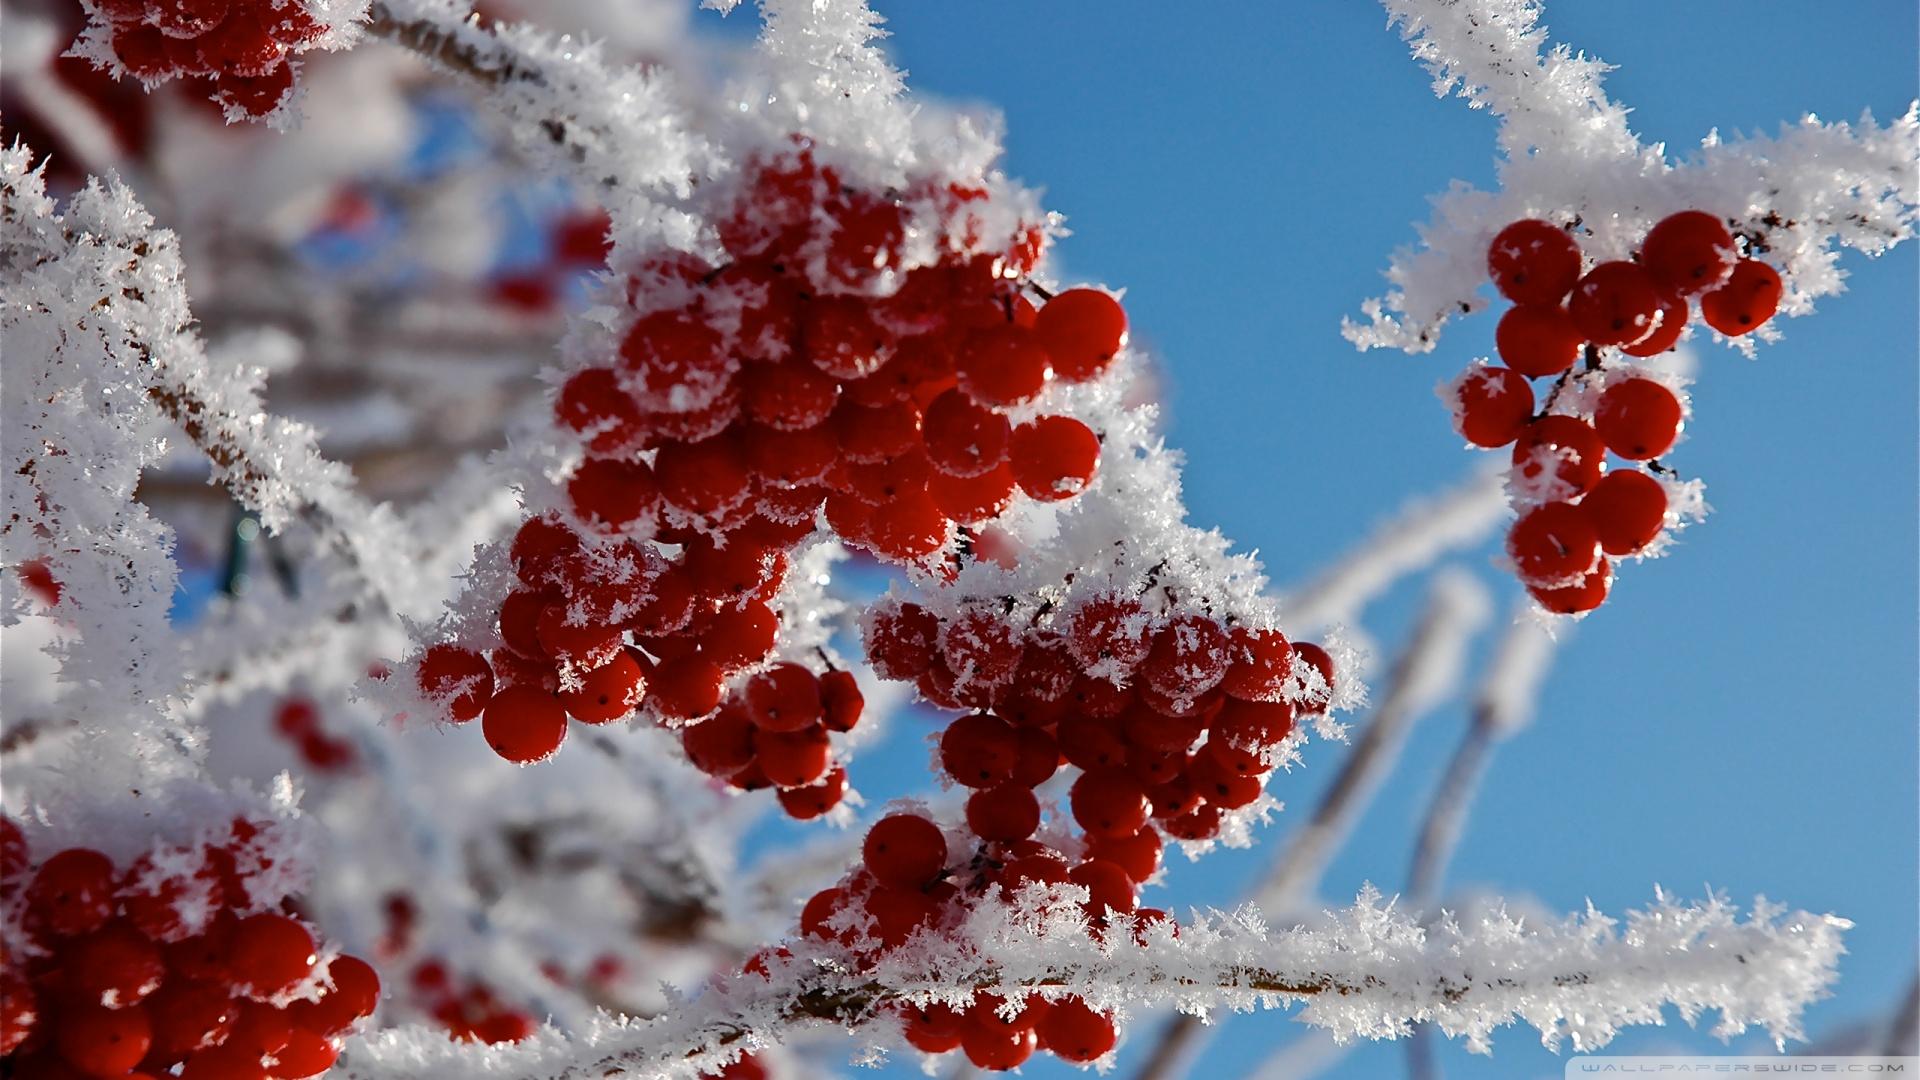 Winter Berries Wallpaper on WallpaperSafari